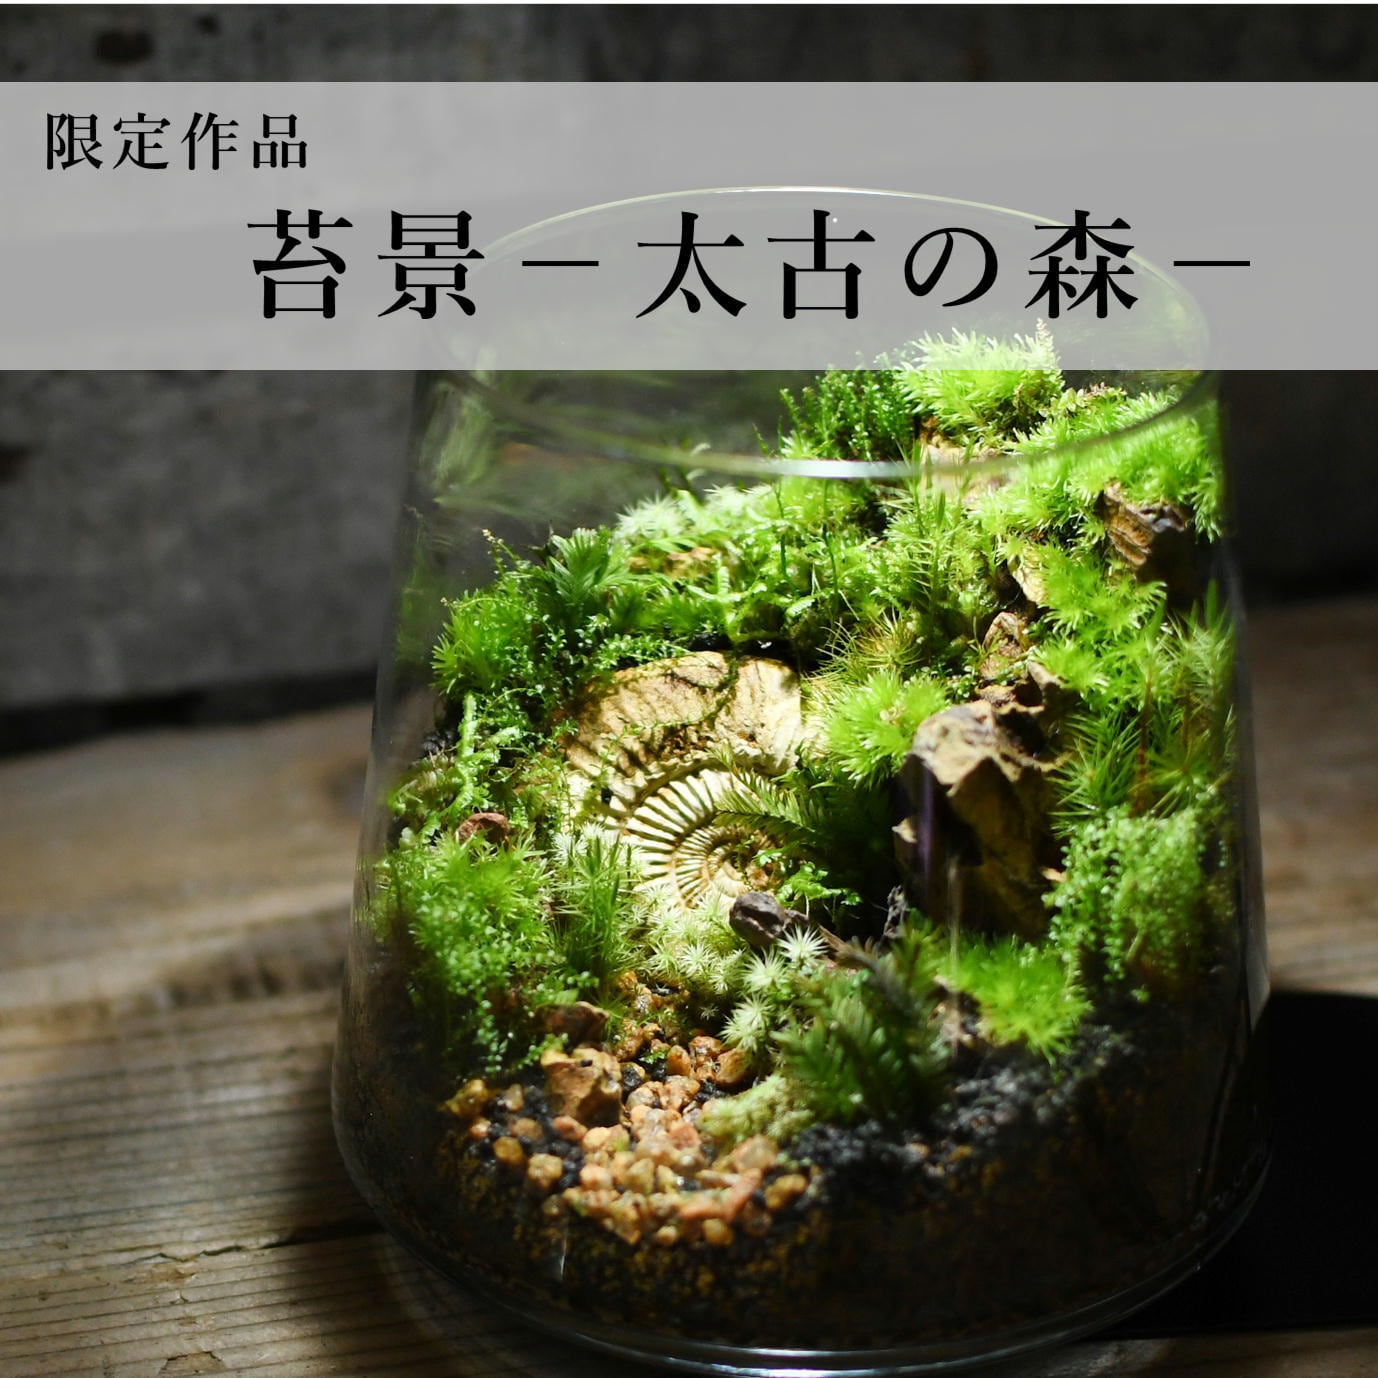 苔景−太古の森−【苔テラリウム・現物限定販売】